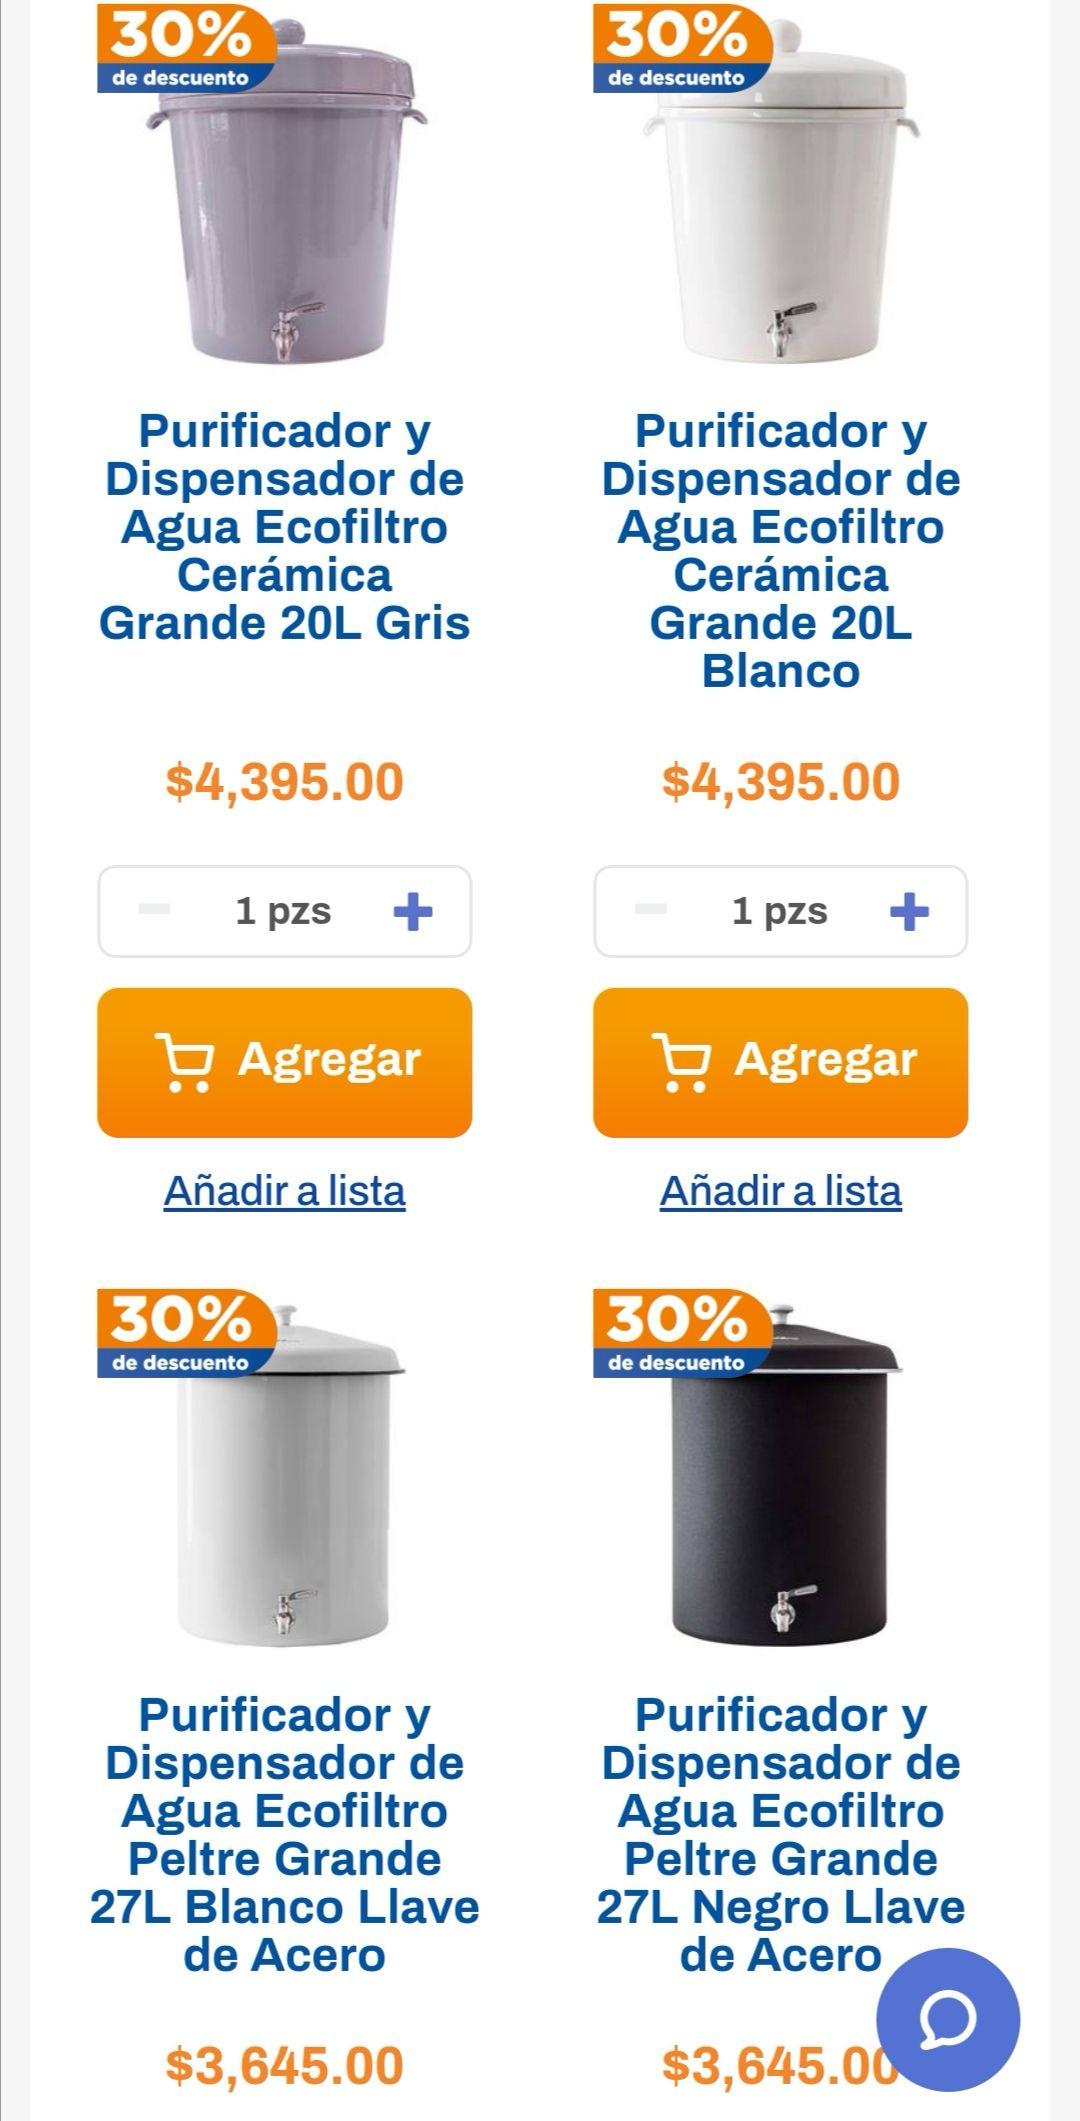 Chedraui: 30% de descuento en purificadores y dispensadores Ecofiltro